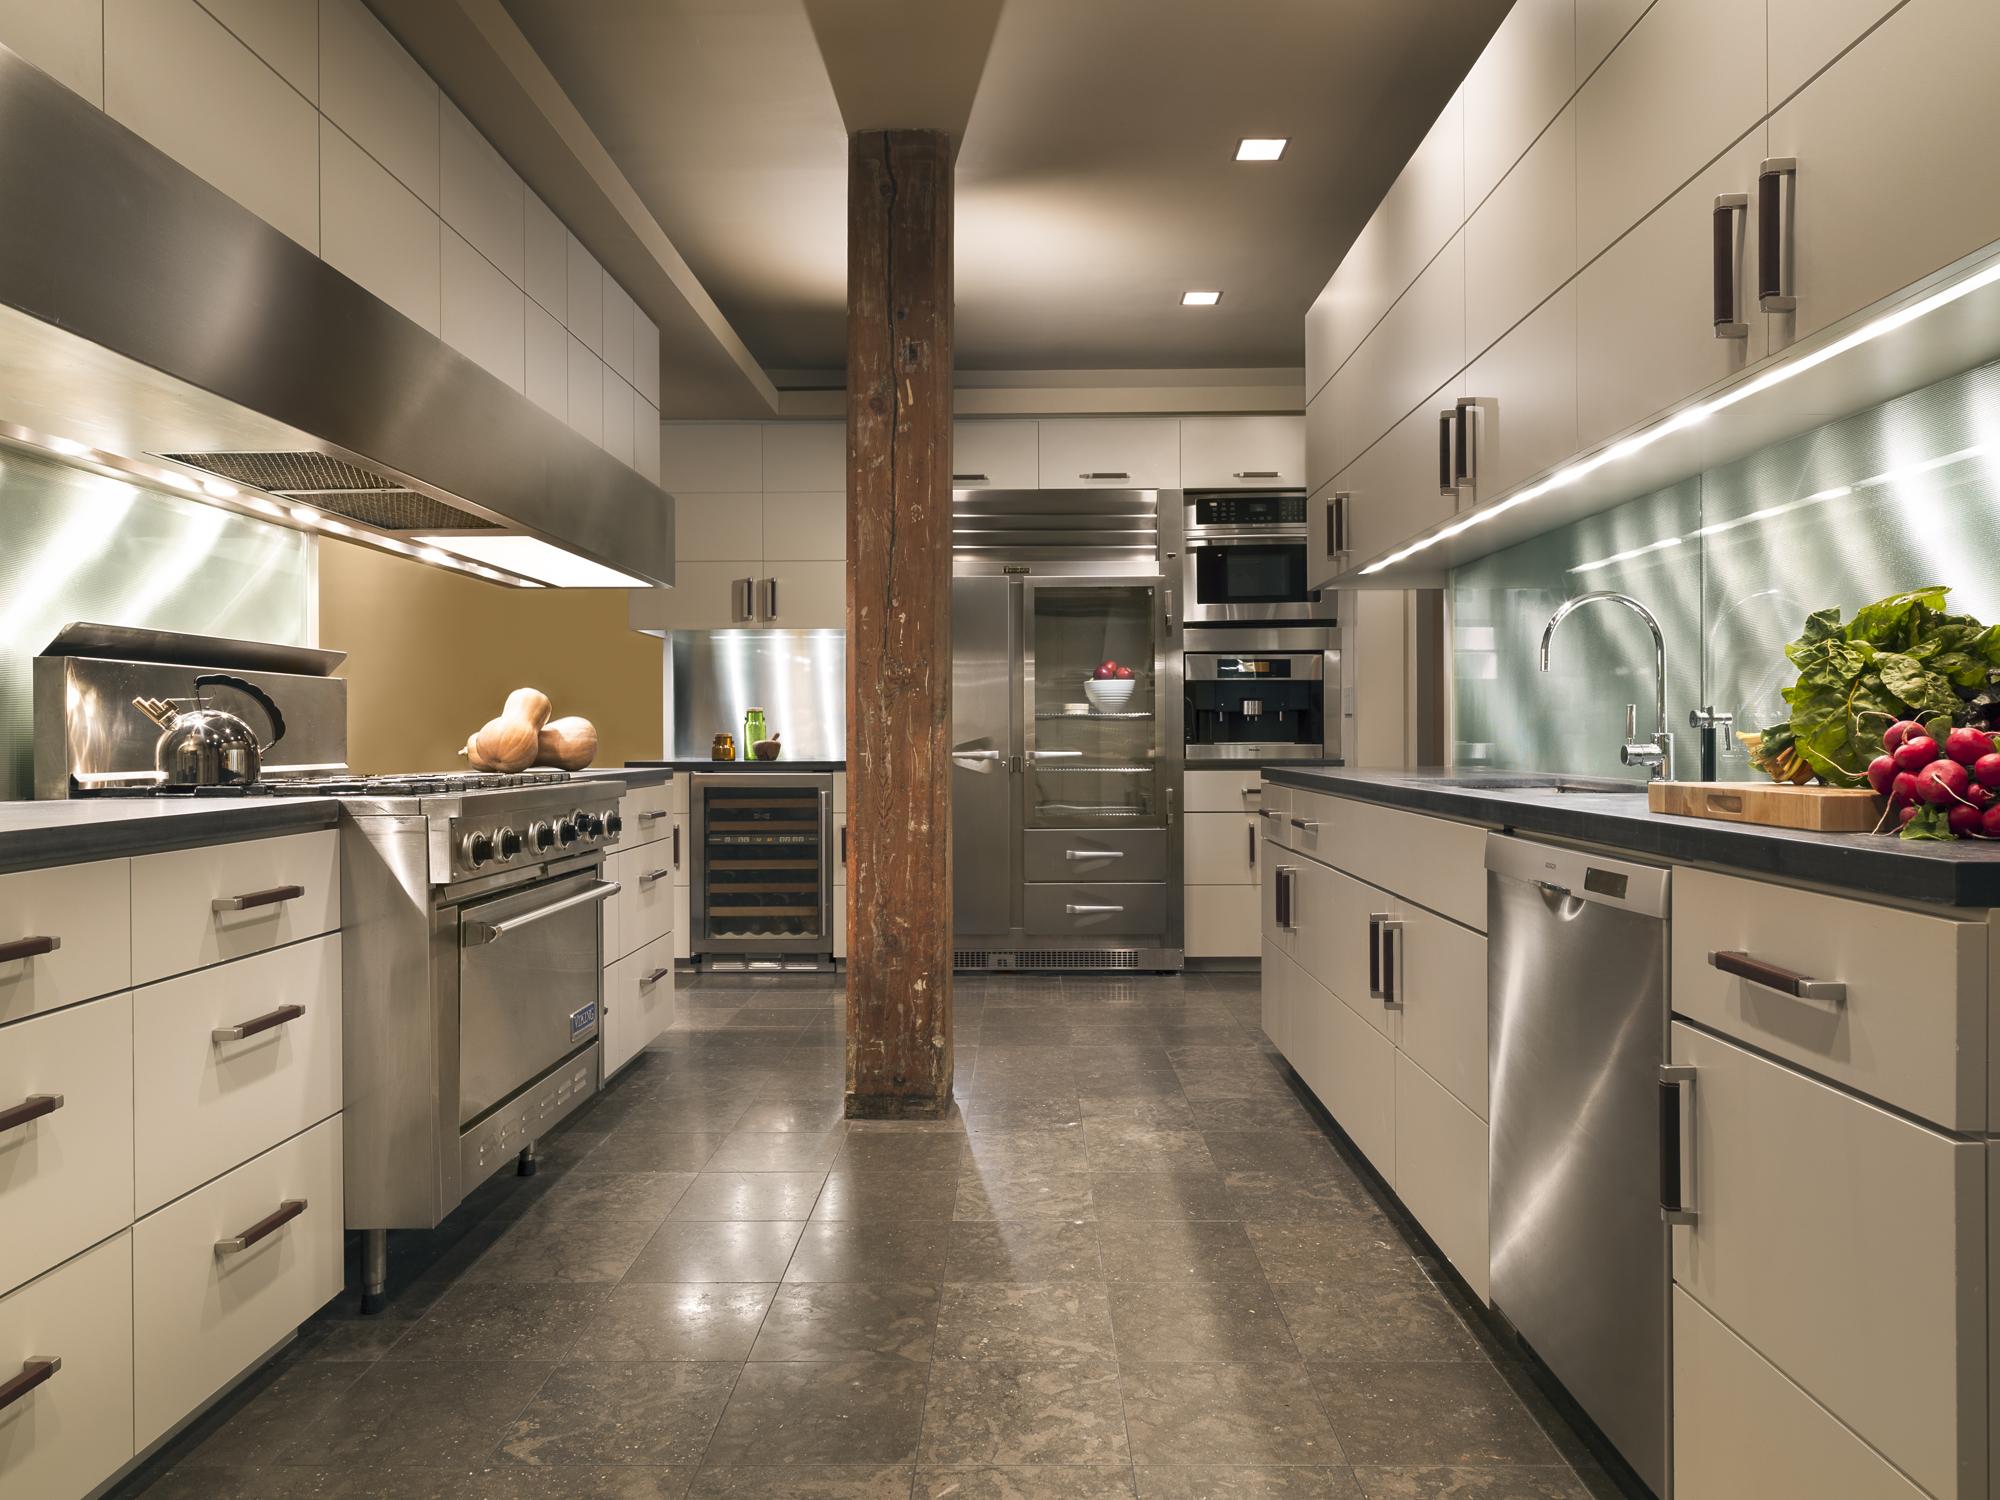 R Douglas Gellenbeck_Lafayette_ kitchen.jpg